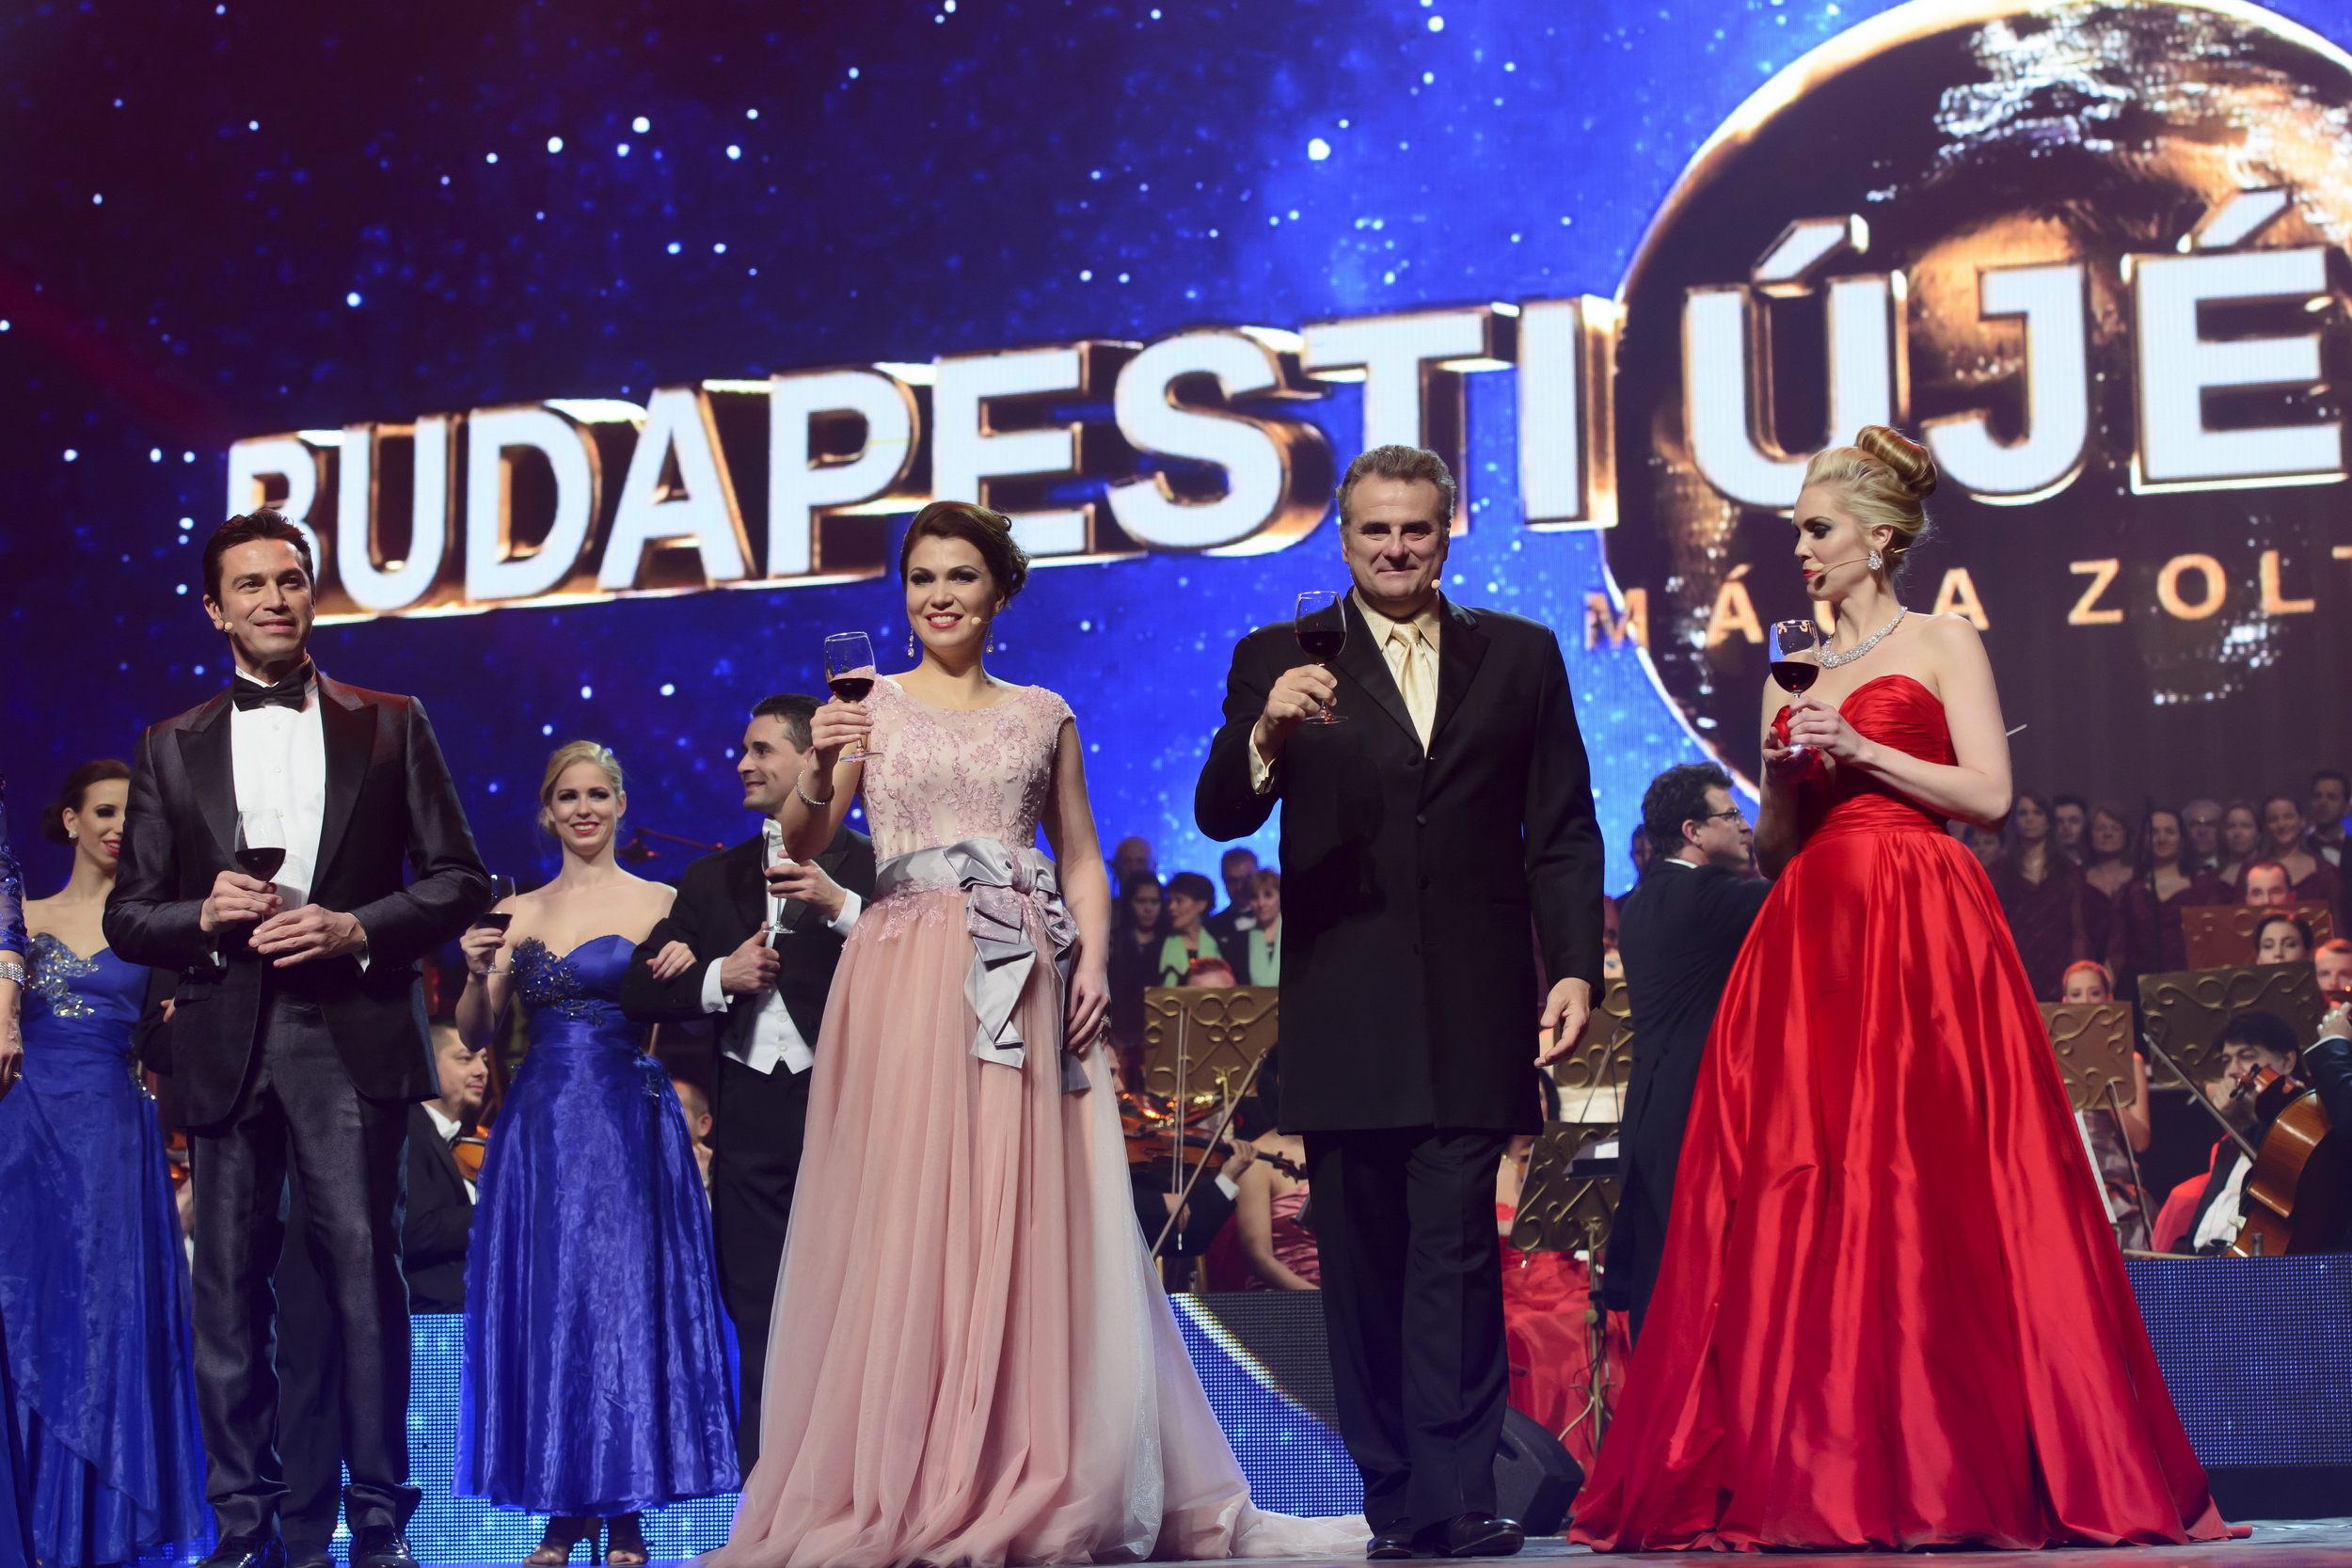 Mario Frangoulis, Ekaterina Lekhina, Marcello Giordani és Micaëla Oeste